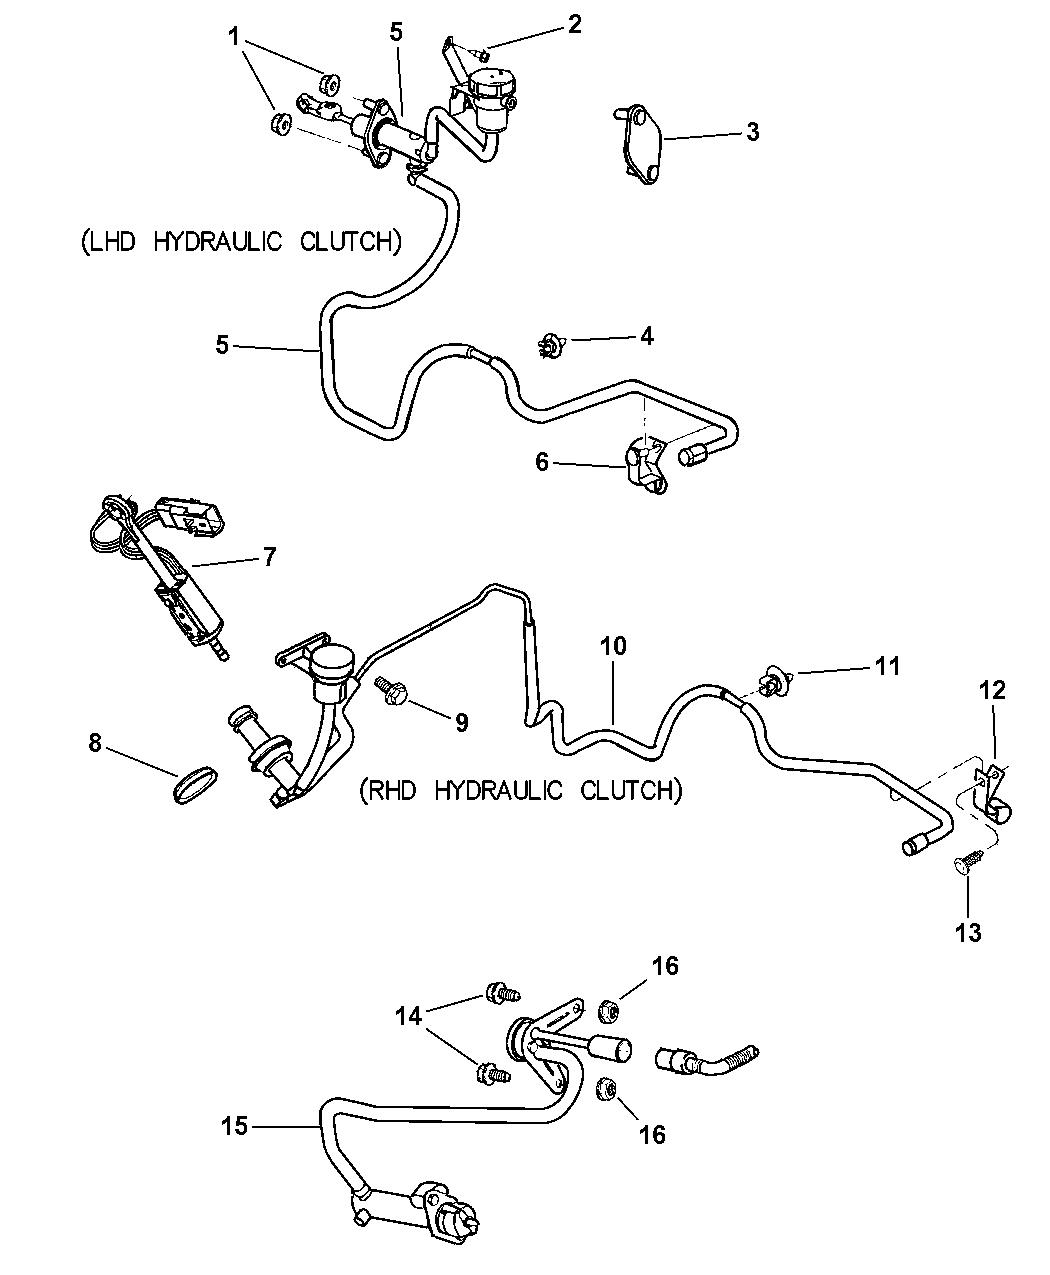 2001 Dodge Neon Controls, Master Cylinder & Slave Cylinder